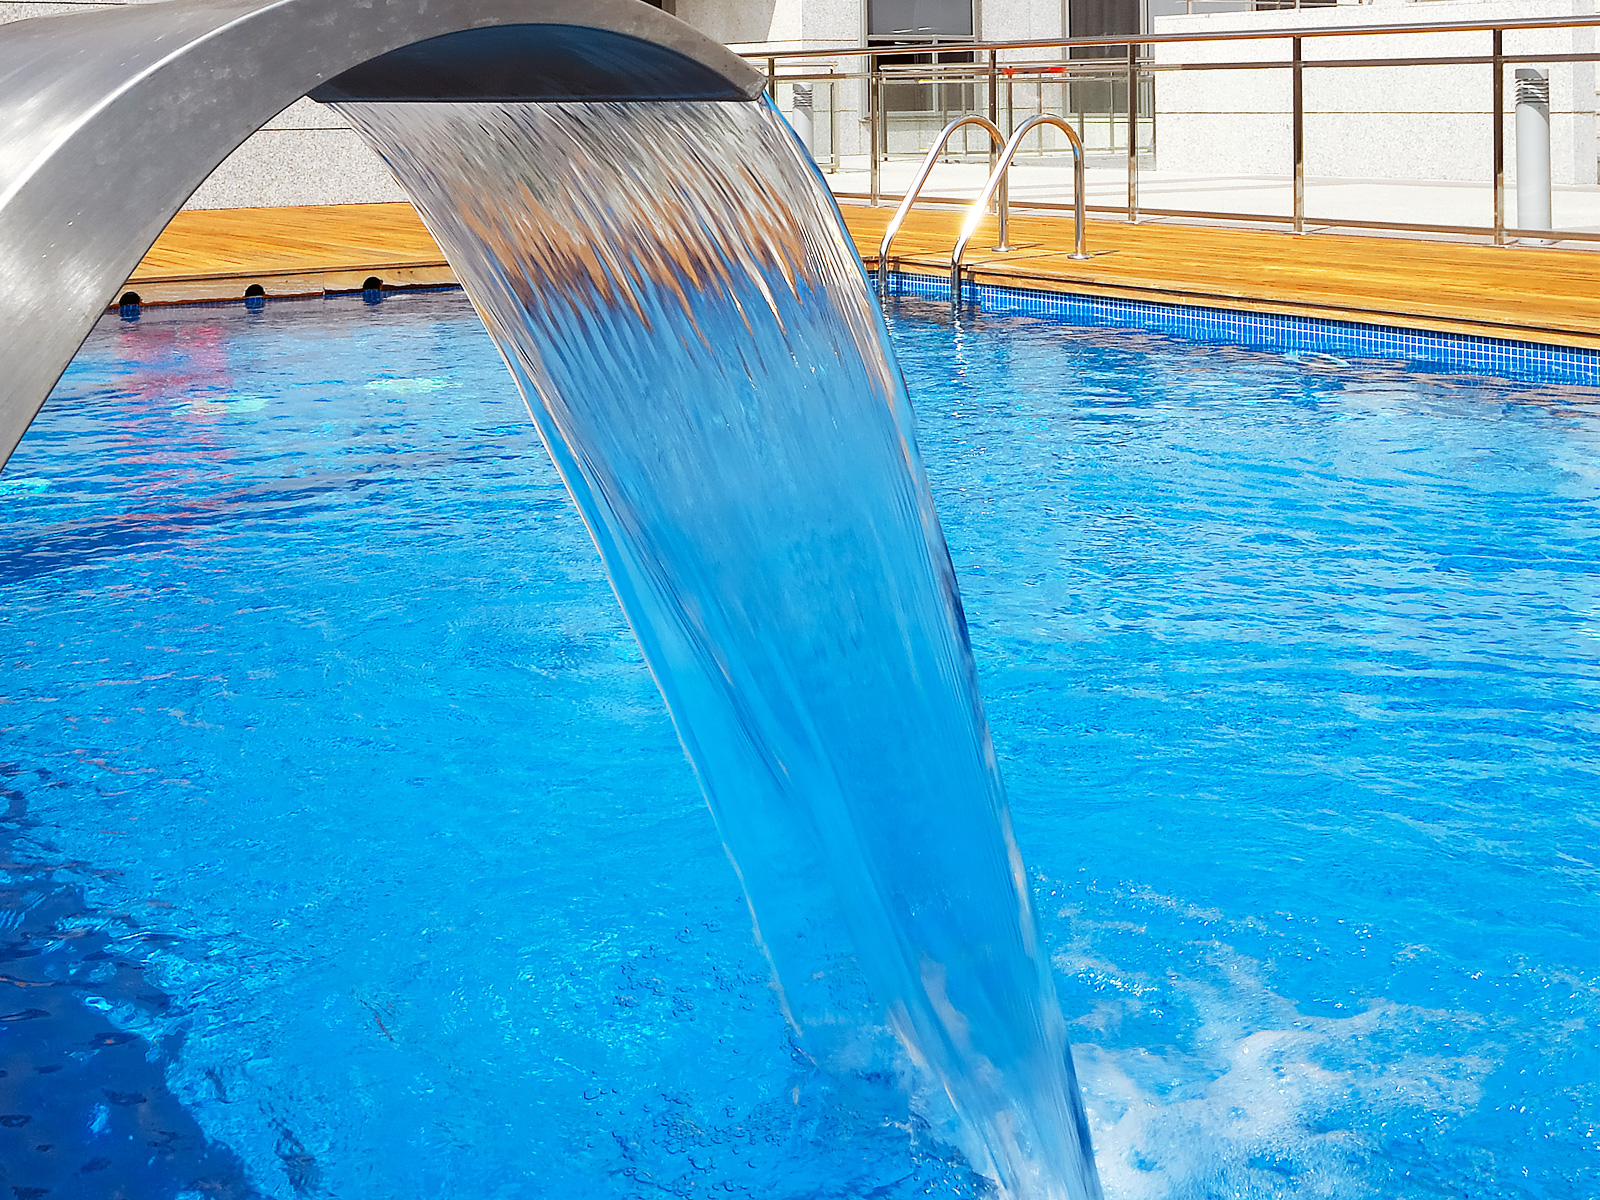 Extérieur-Hotel Valladolid Frontaura - Vincci Hoteles